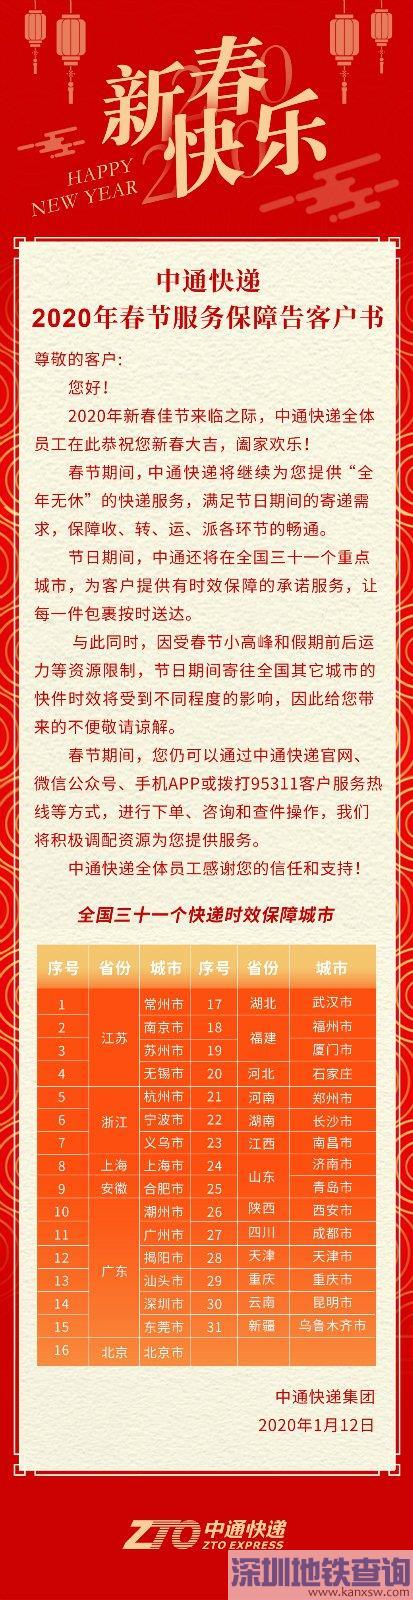 2020中通快递春节停运放假时间通知